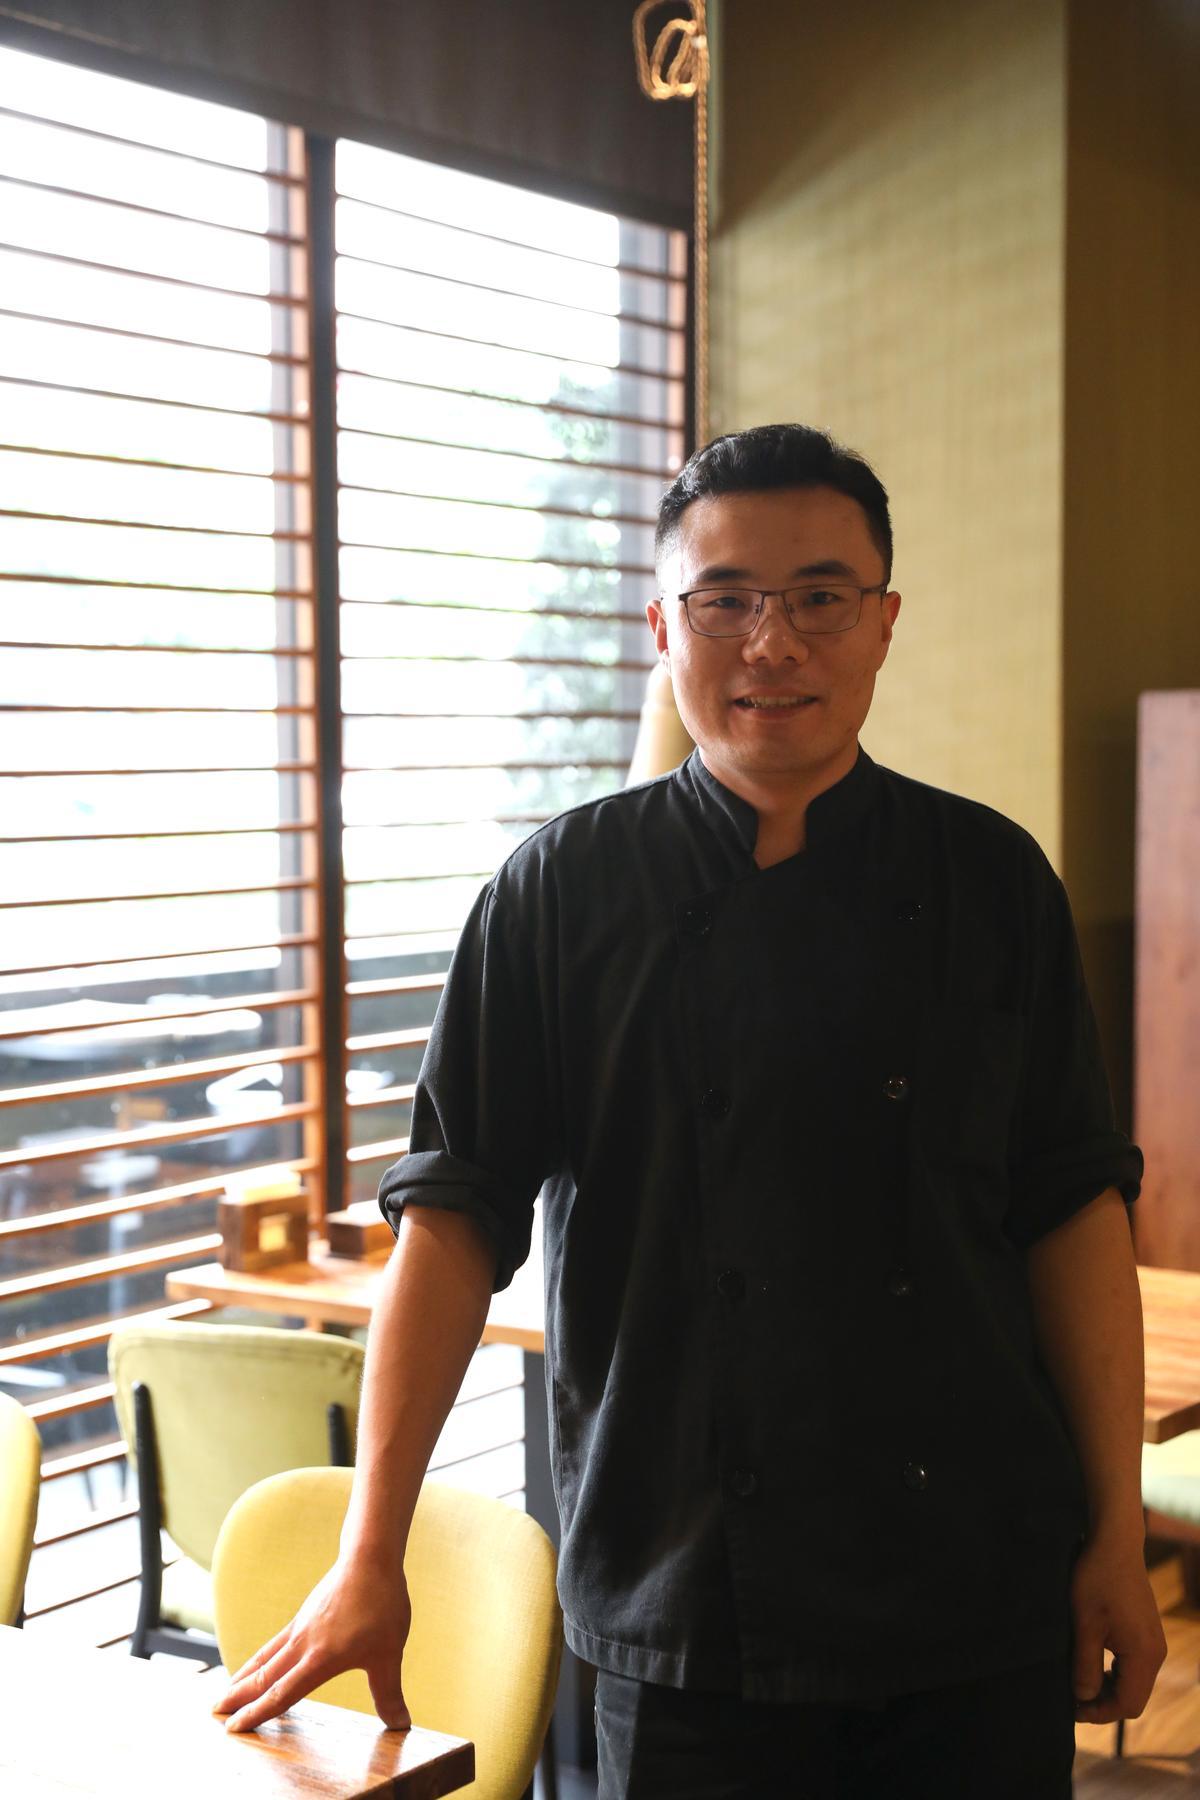 小川主廚付連康很瞭解台灣人口味,但也努力把正宗新派川菜質感帶進台灣。